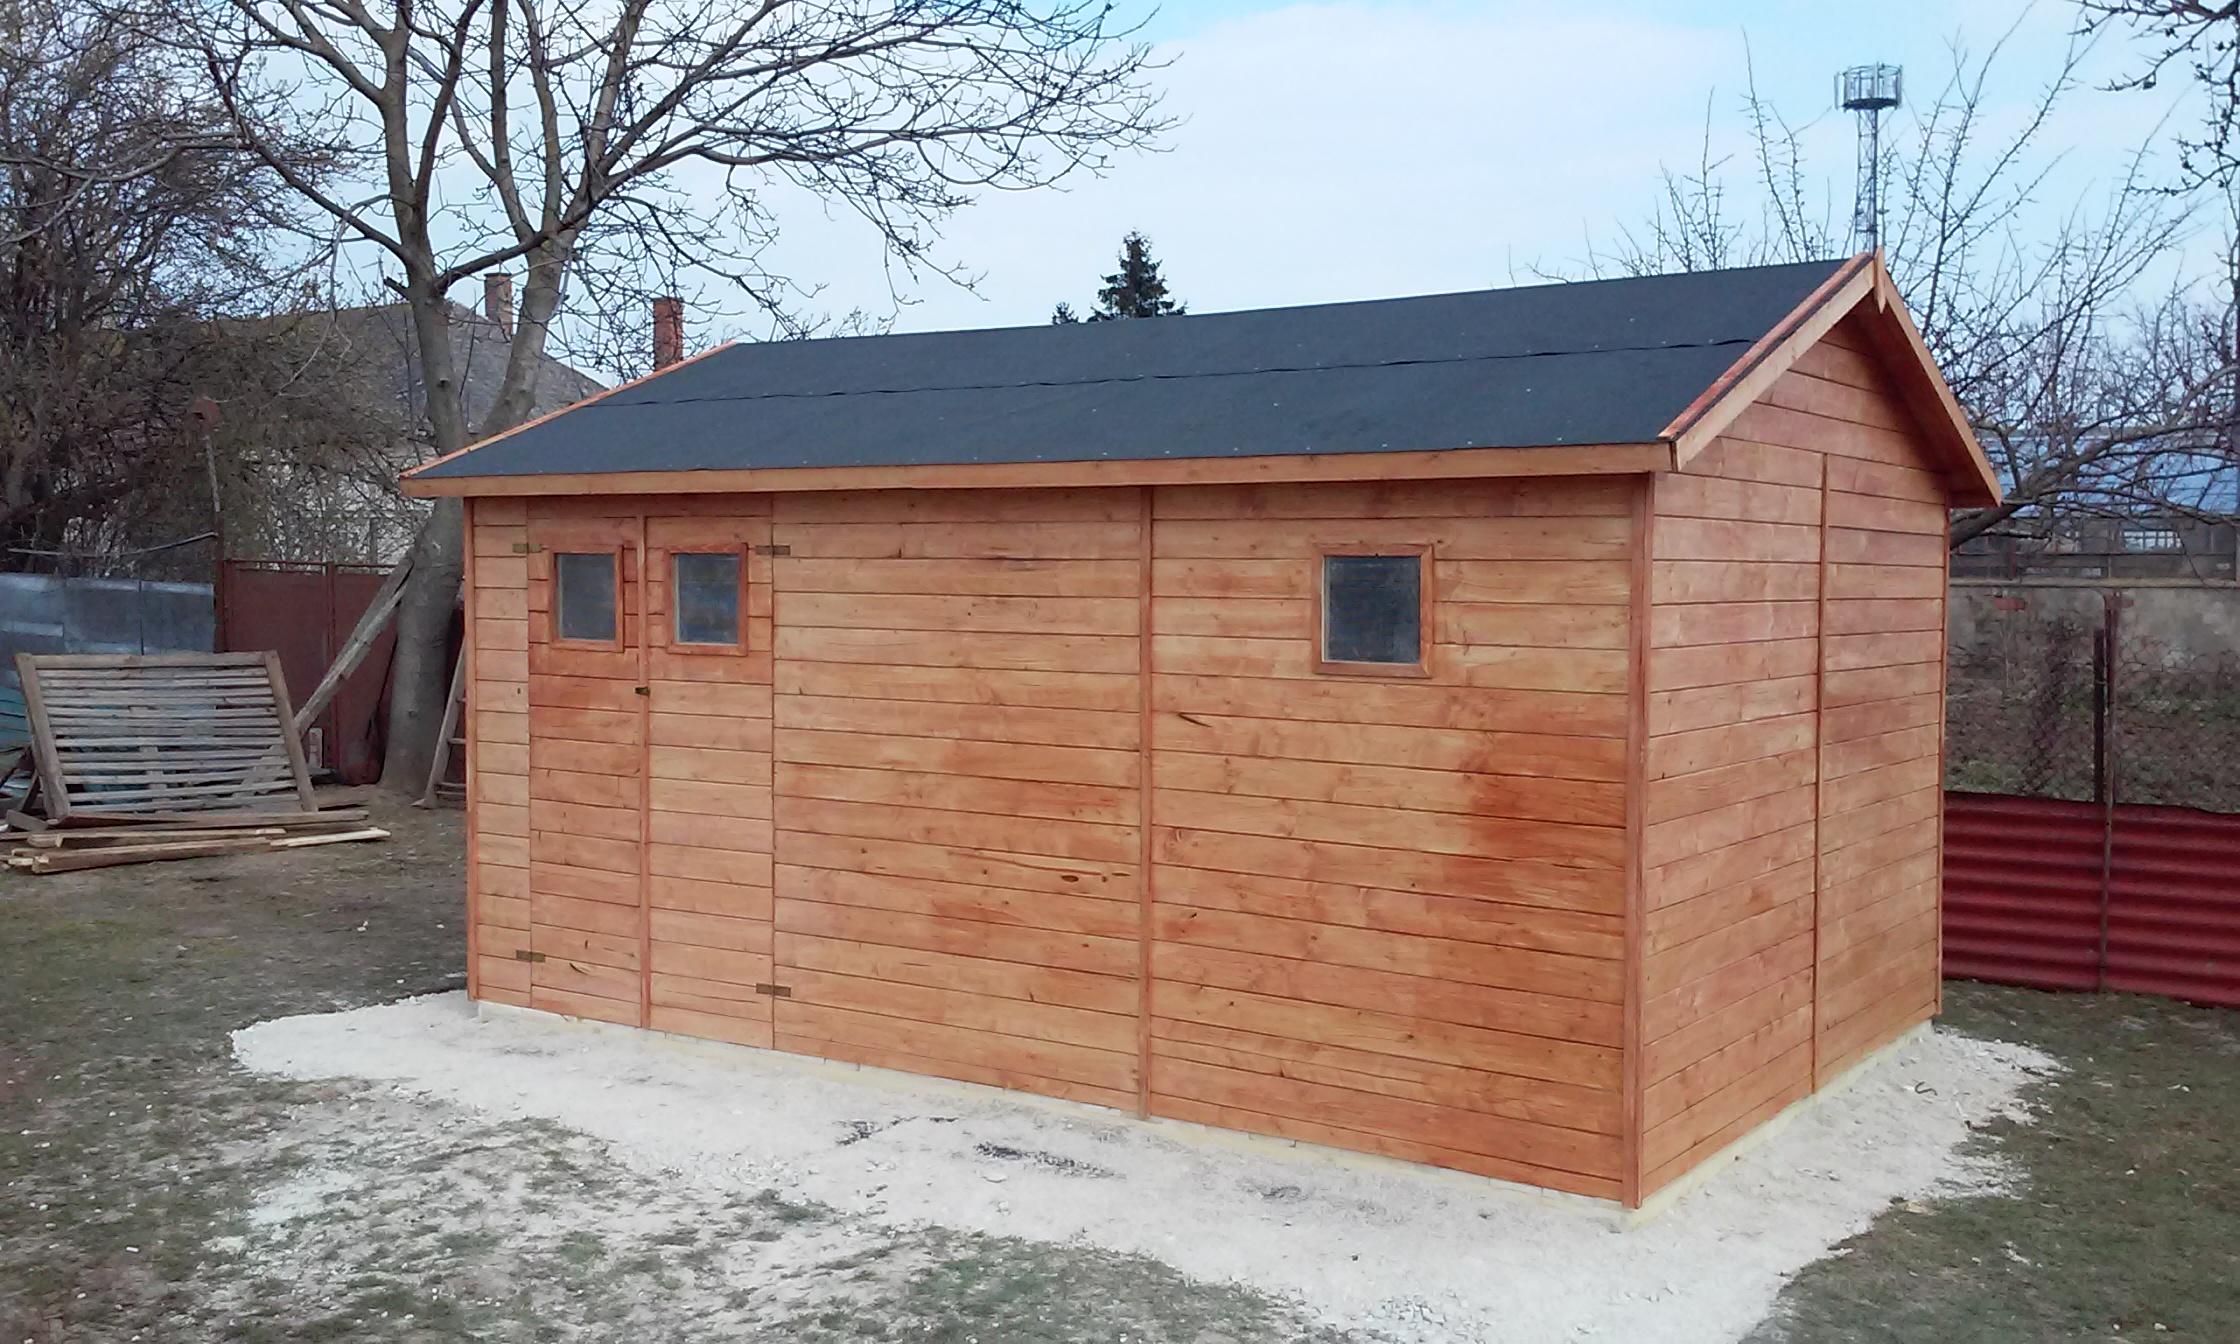 Zahradní dřevěný domek GANDIA (16mm), s okny, rozměr 3,3 x 4,8m, v.2,3m